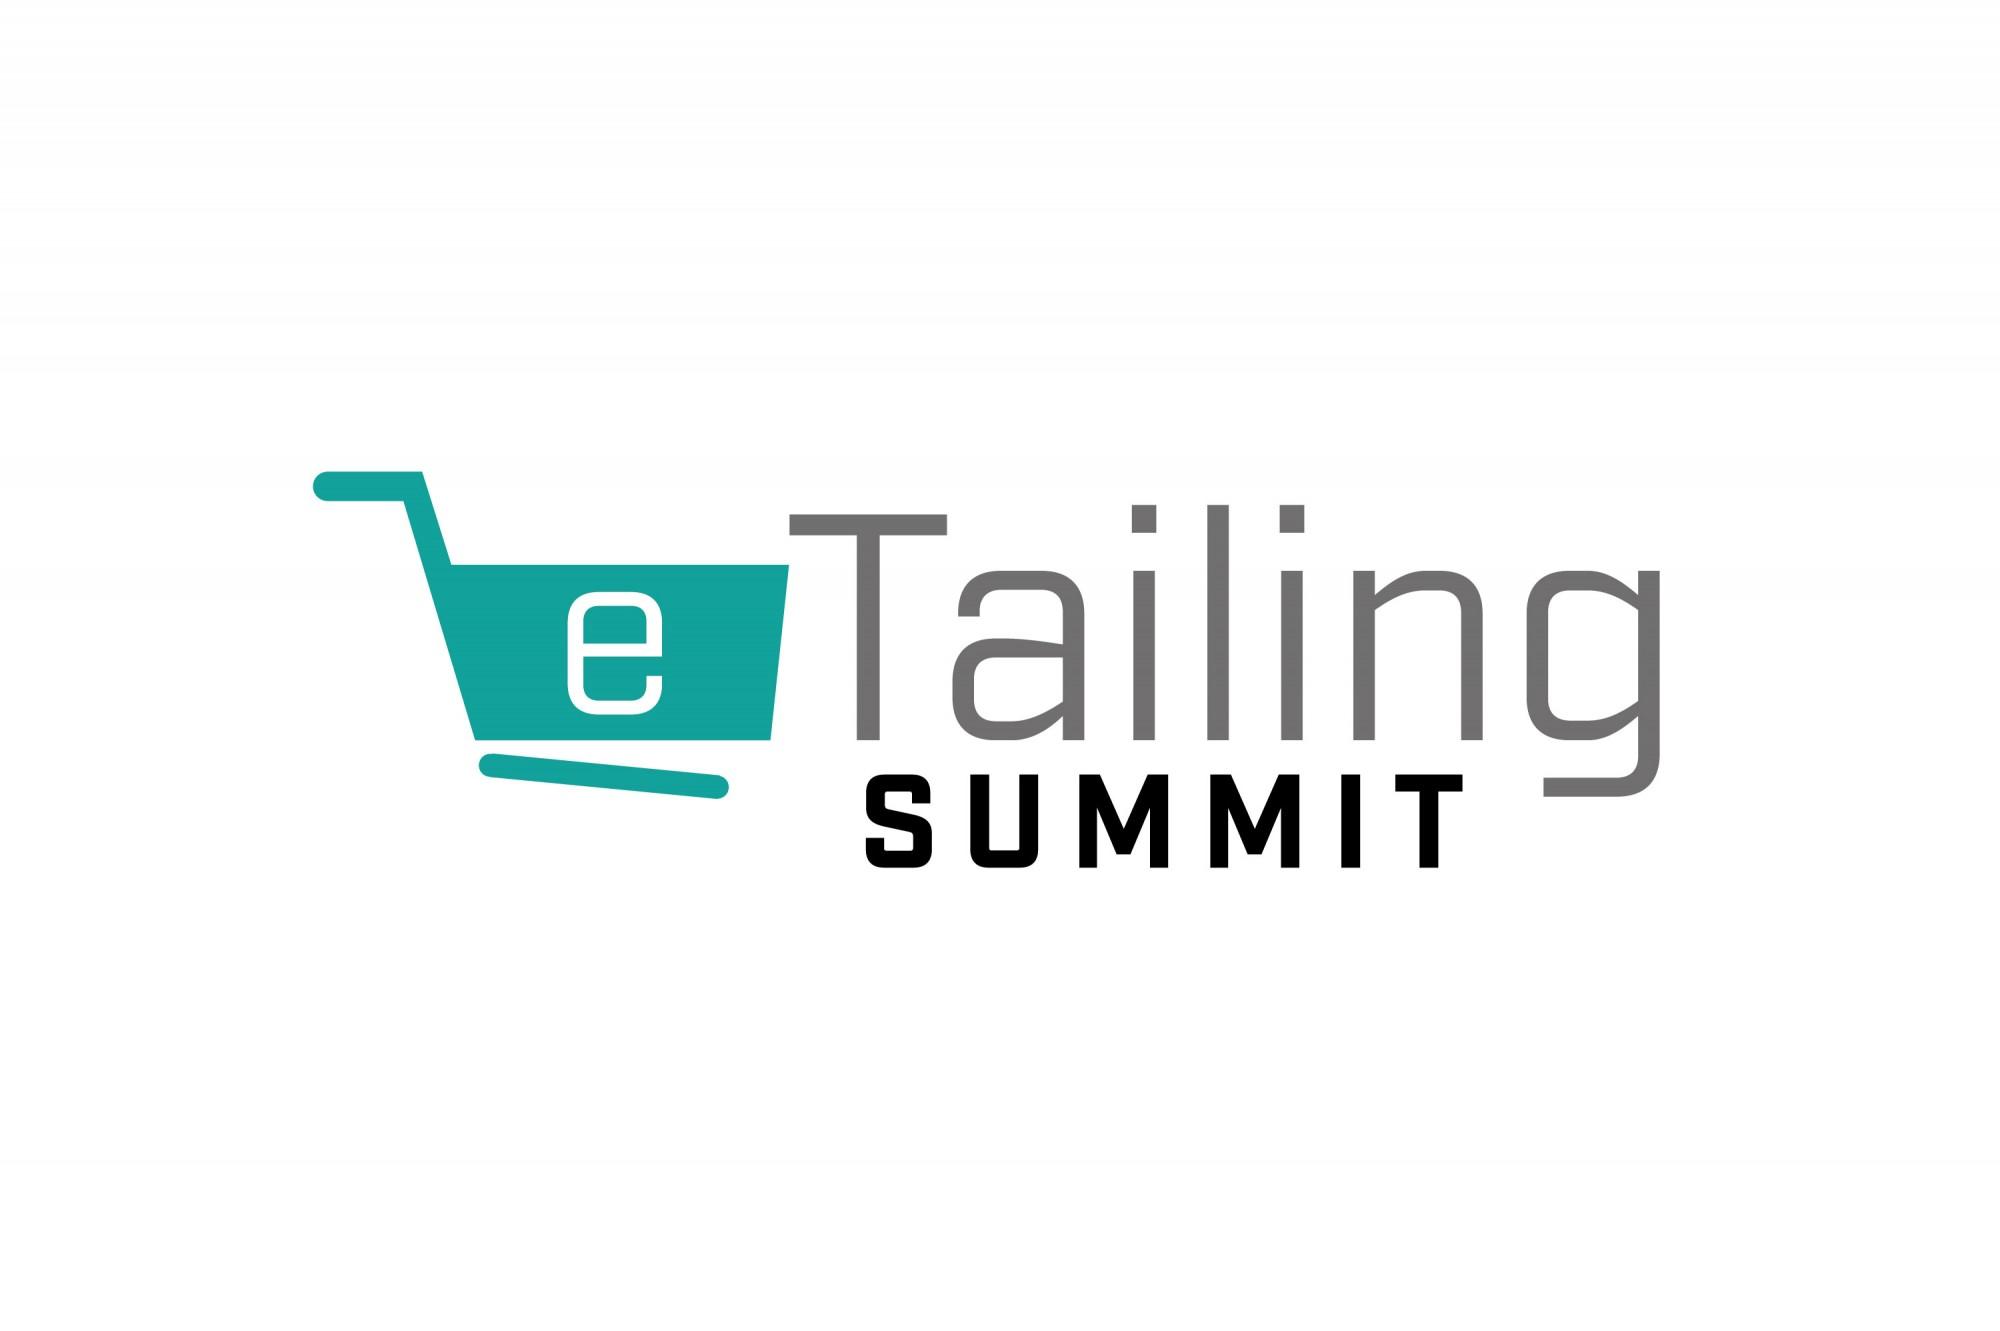 eTailing Summit Logo (Horizontal, LoRes)